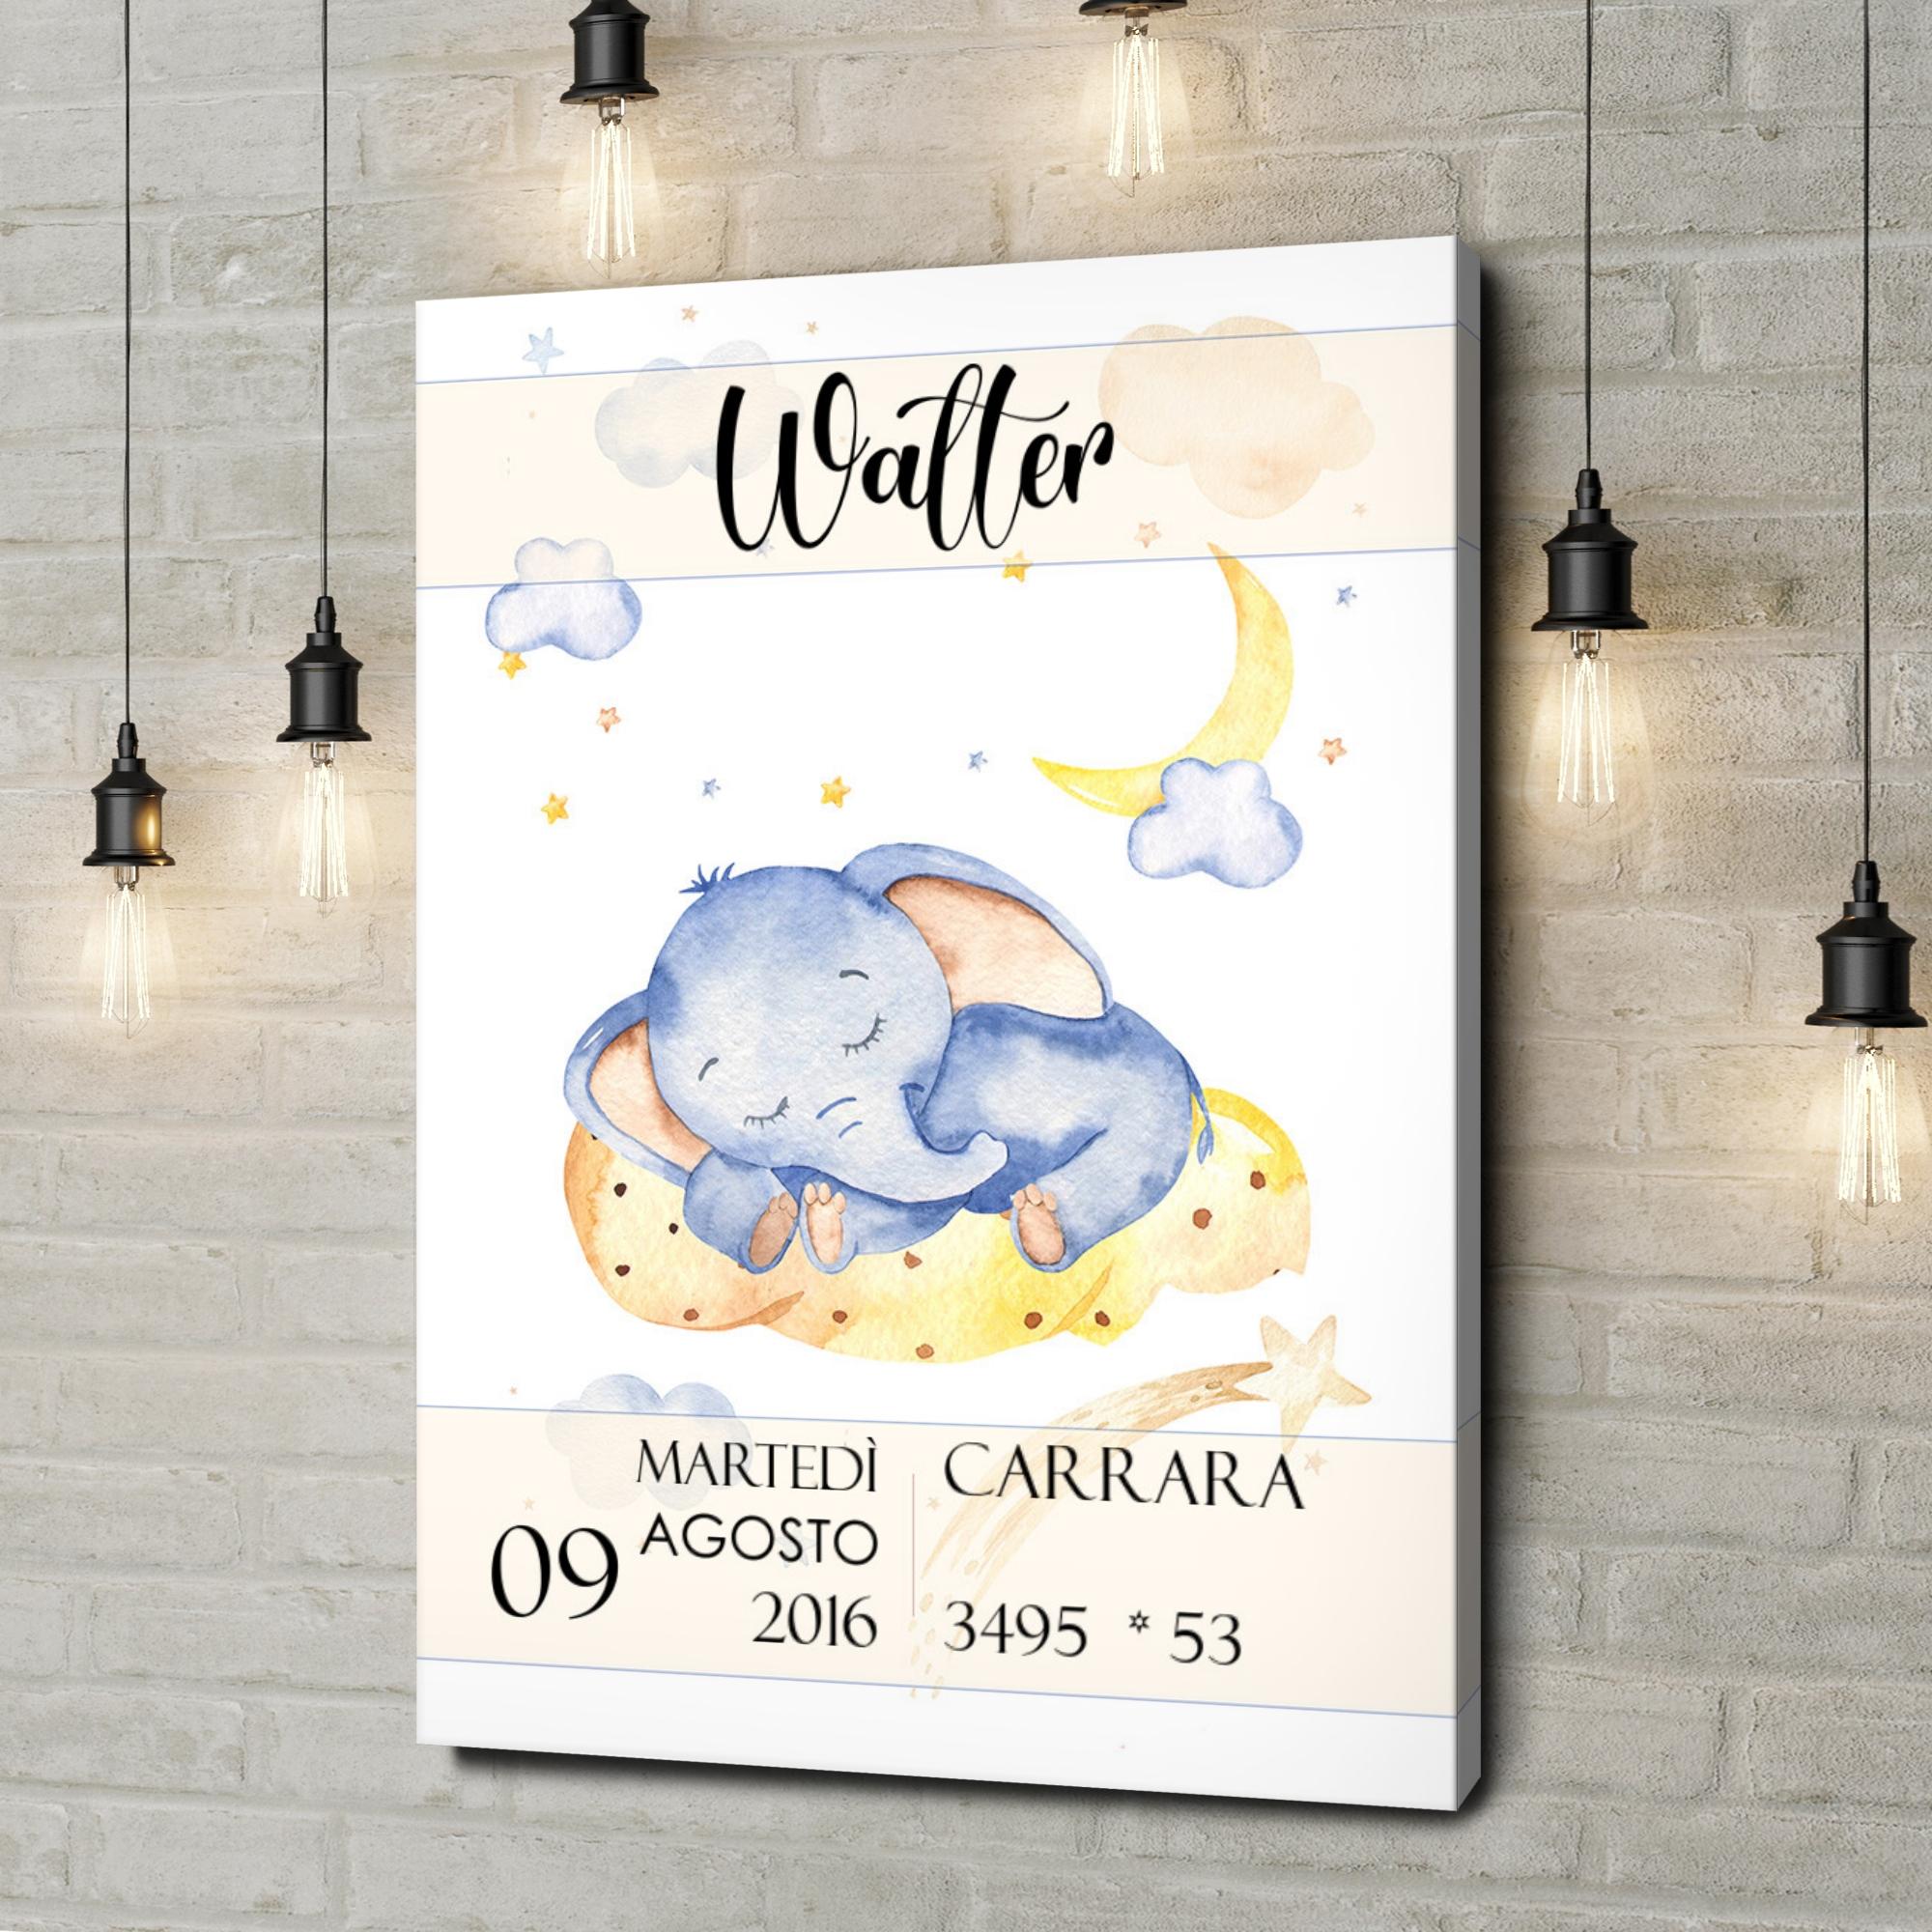 Stampa personalizzata su tela Tela per nascita elefanti nel sonno